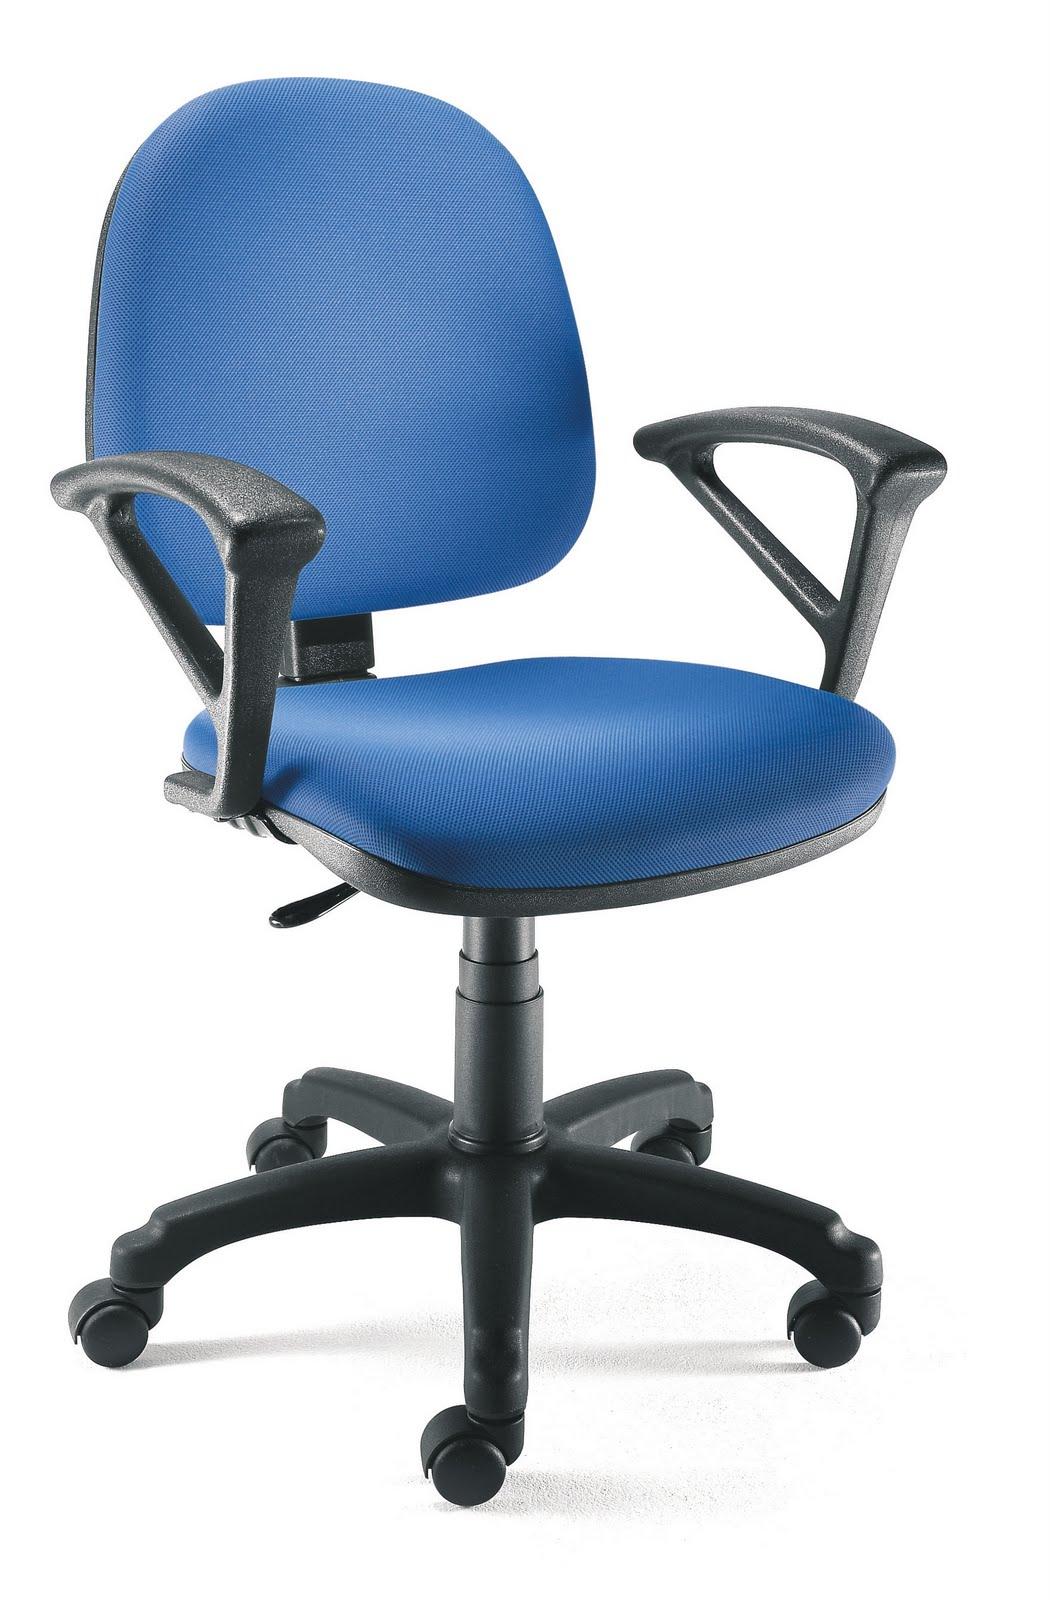 Sillas y muebles para oficina adempo ltda for Sillas y muebles de oficina